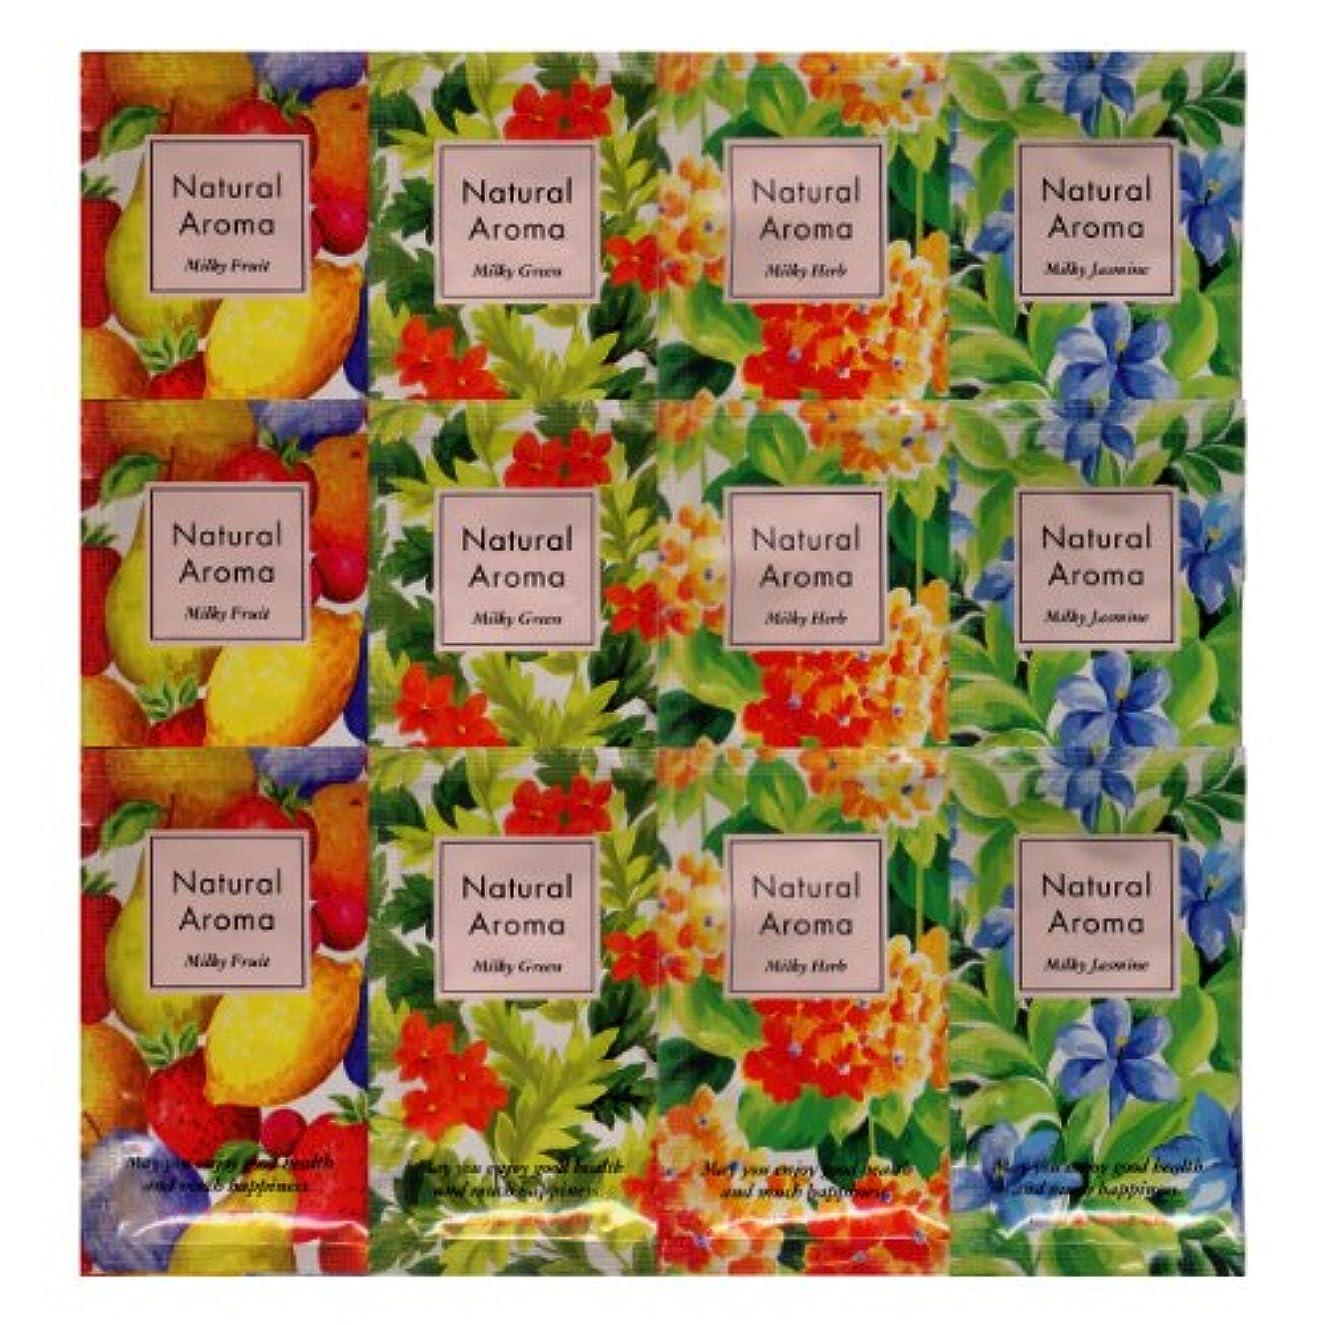 瞑想的ラオス人フィードバックナチュラルアロマ 入浴剤 ミルキーハーブ 4種類×3 12包セット